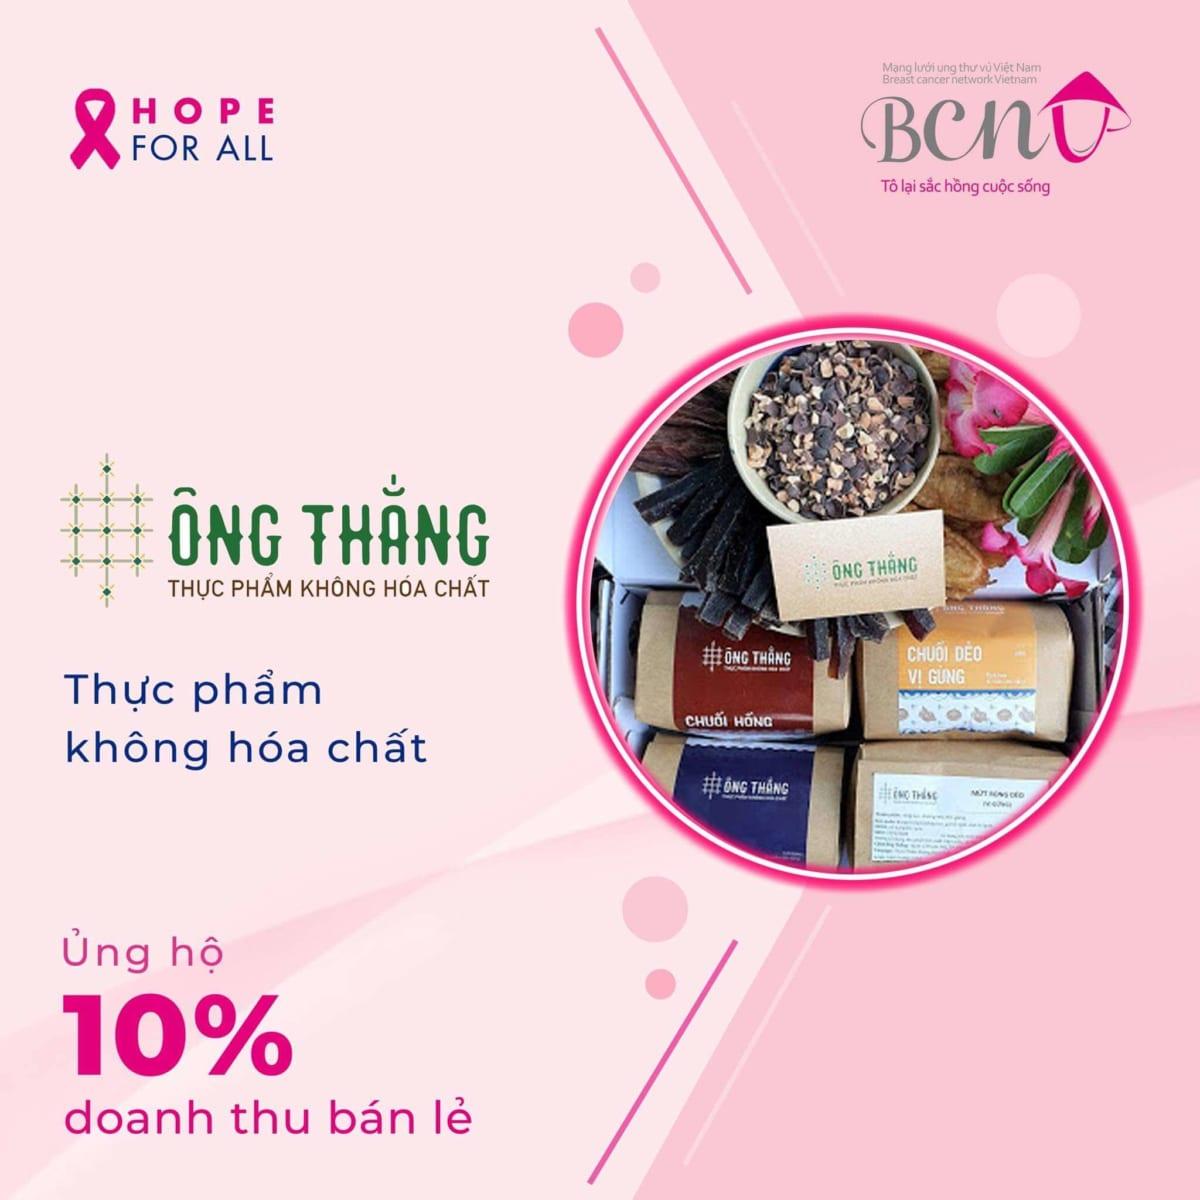 """Thực phẩm không hóa chất Phan Rang đồng bành cùng chiến dịch """"HOPE FOR ALL"""" DO BCNV tổ chức"""